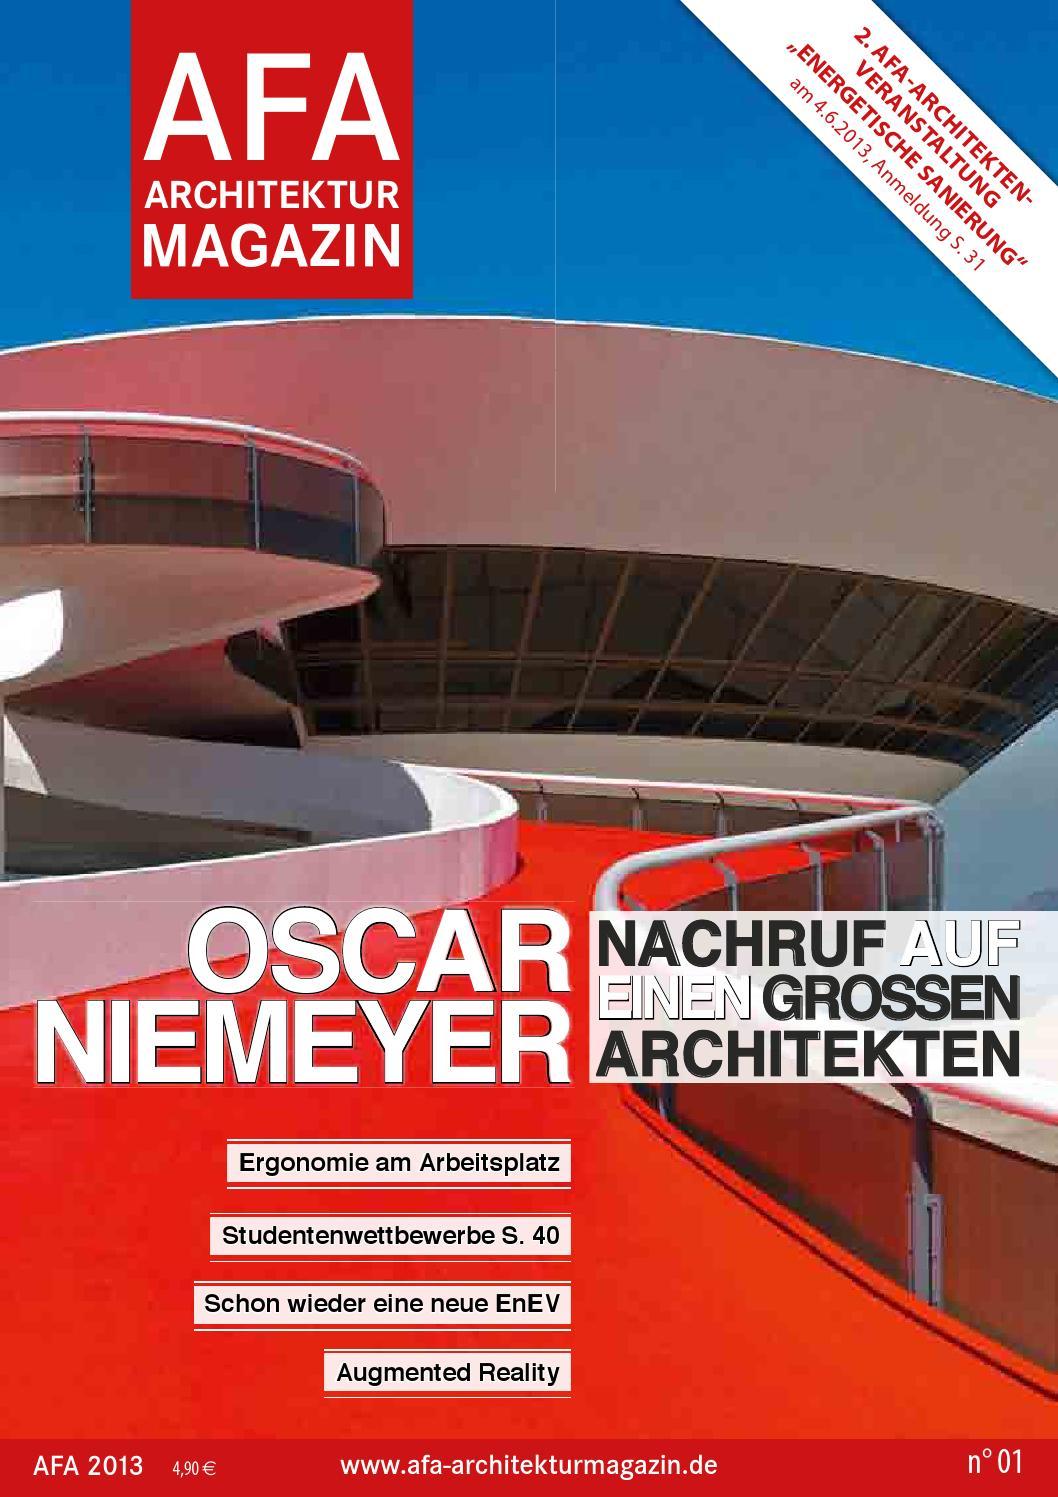 afa architekturmagazin 01 2013 by afa architekturmagazin. Black Bedroom Furniture Sets. Home Design Ideas